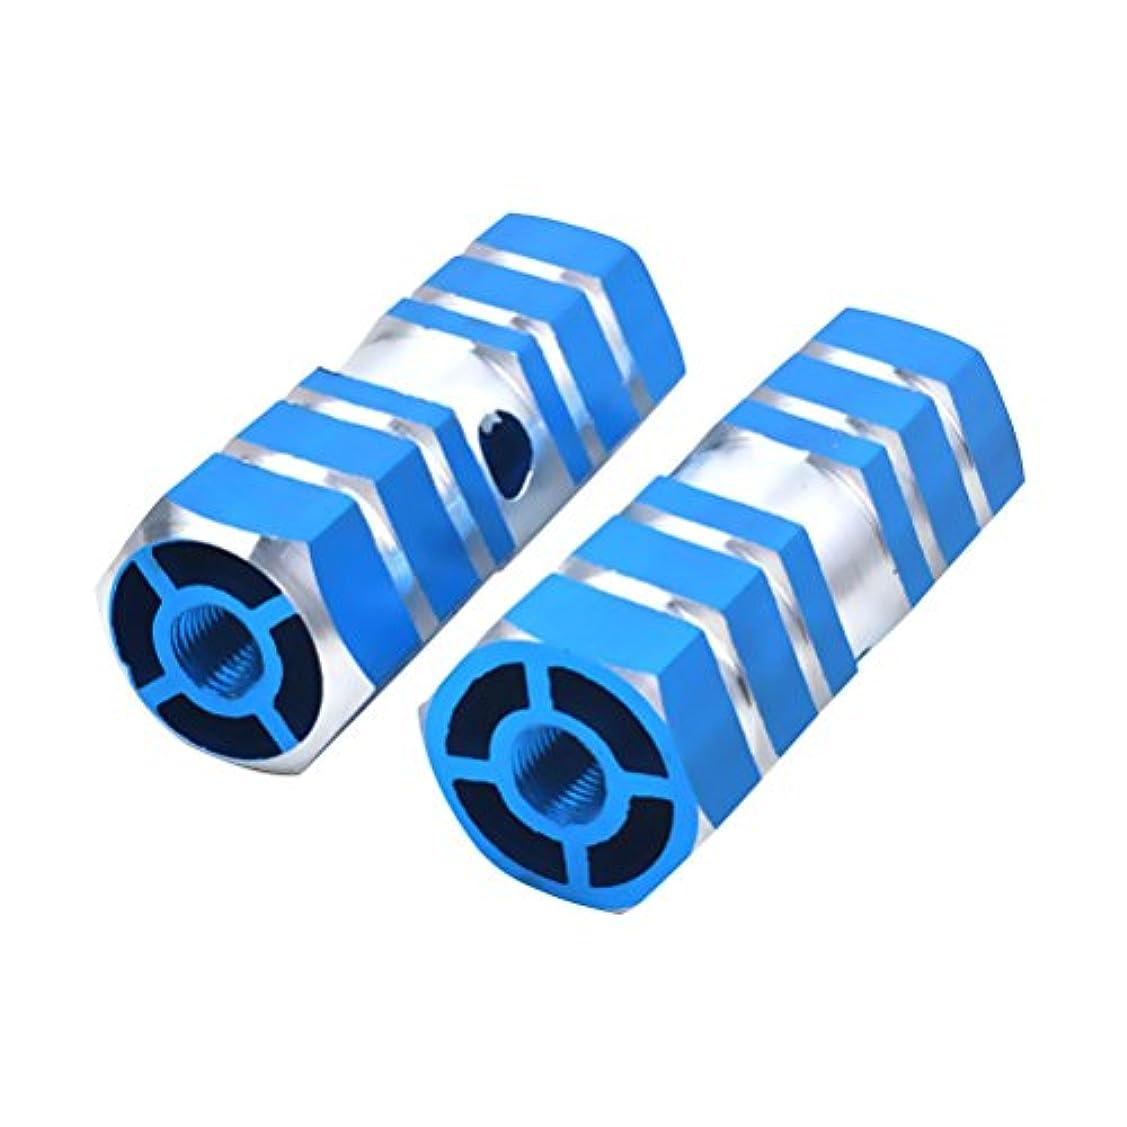 結果として望む増幅器VORCOOL 1組のアルミニウム合金バイクリアシートアクスルスタントペグ(マウンテンバイク用)(ブルー)